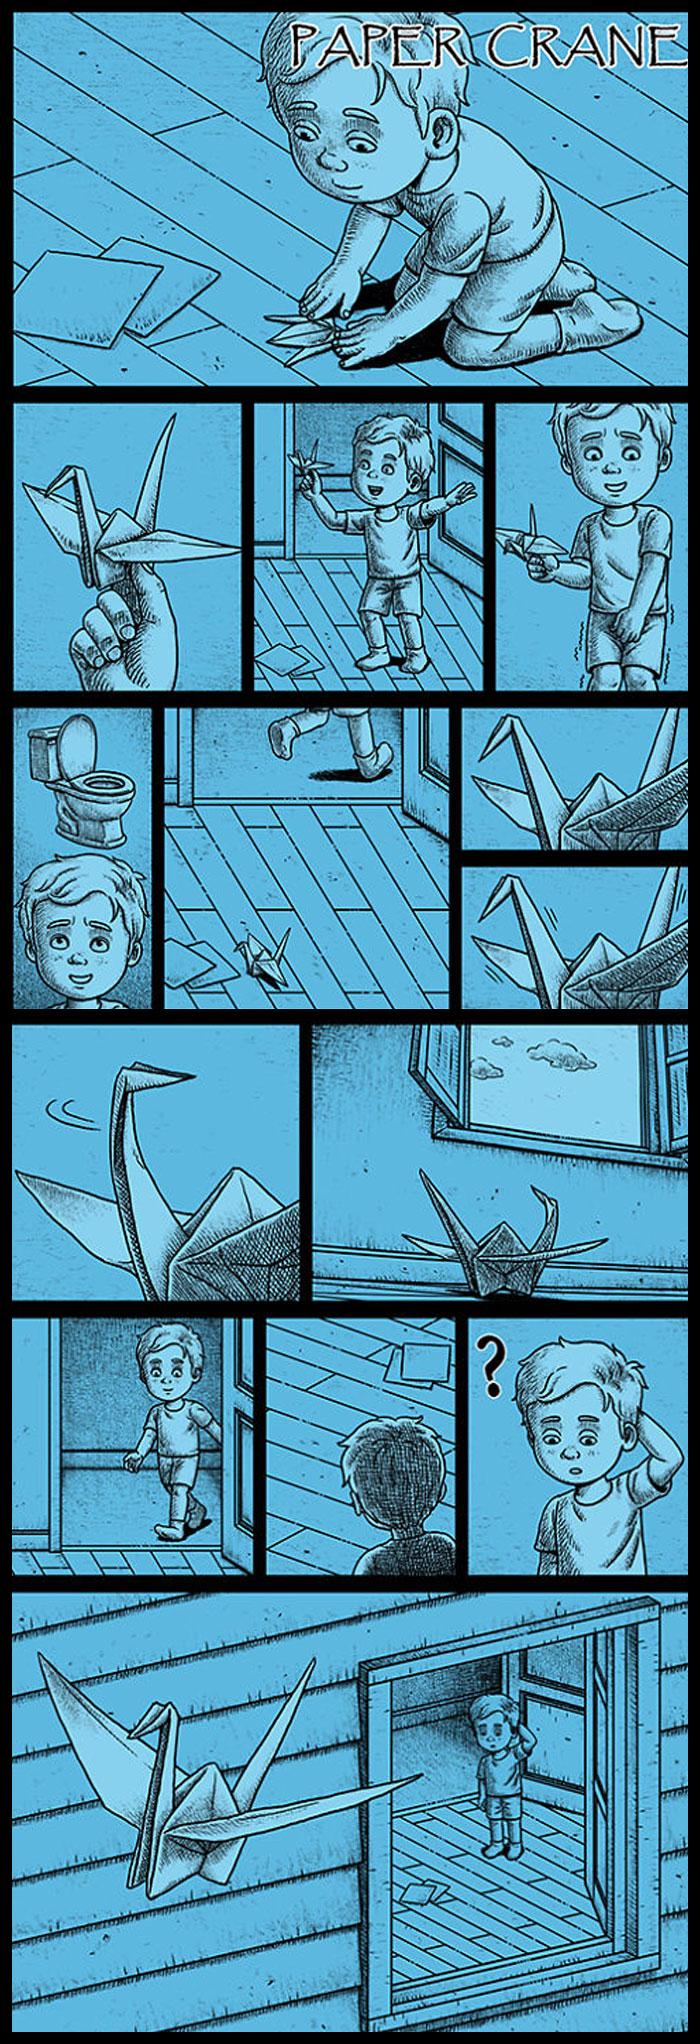 Фото №18 - 30 комиксов с отборным черным юмором от Бена Чена